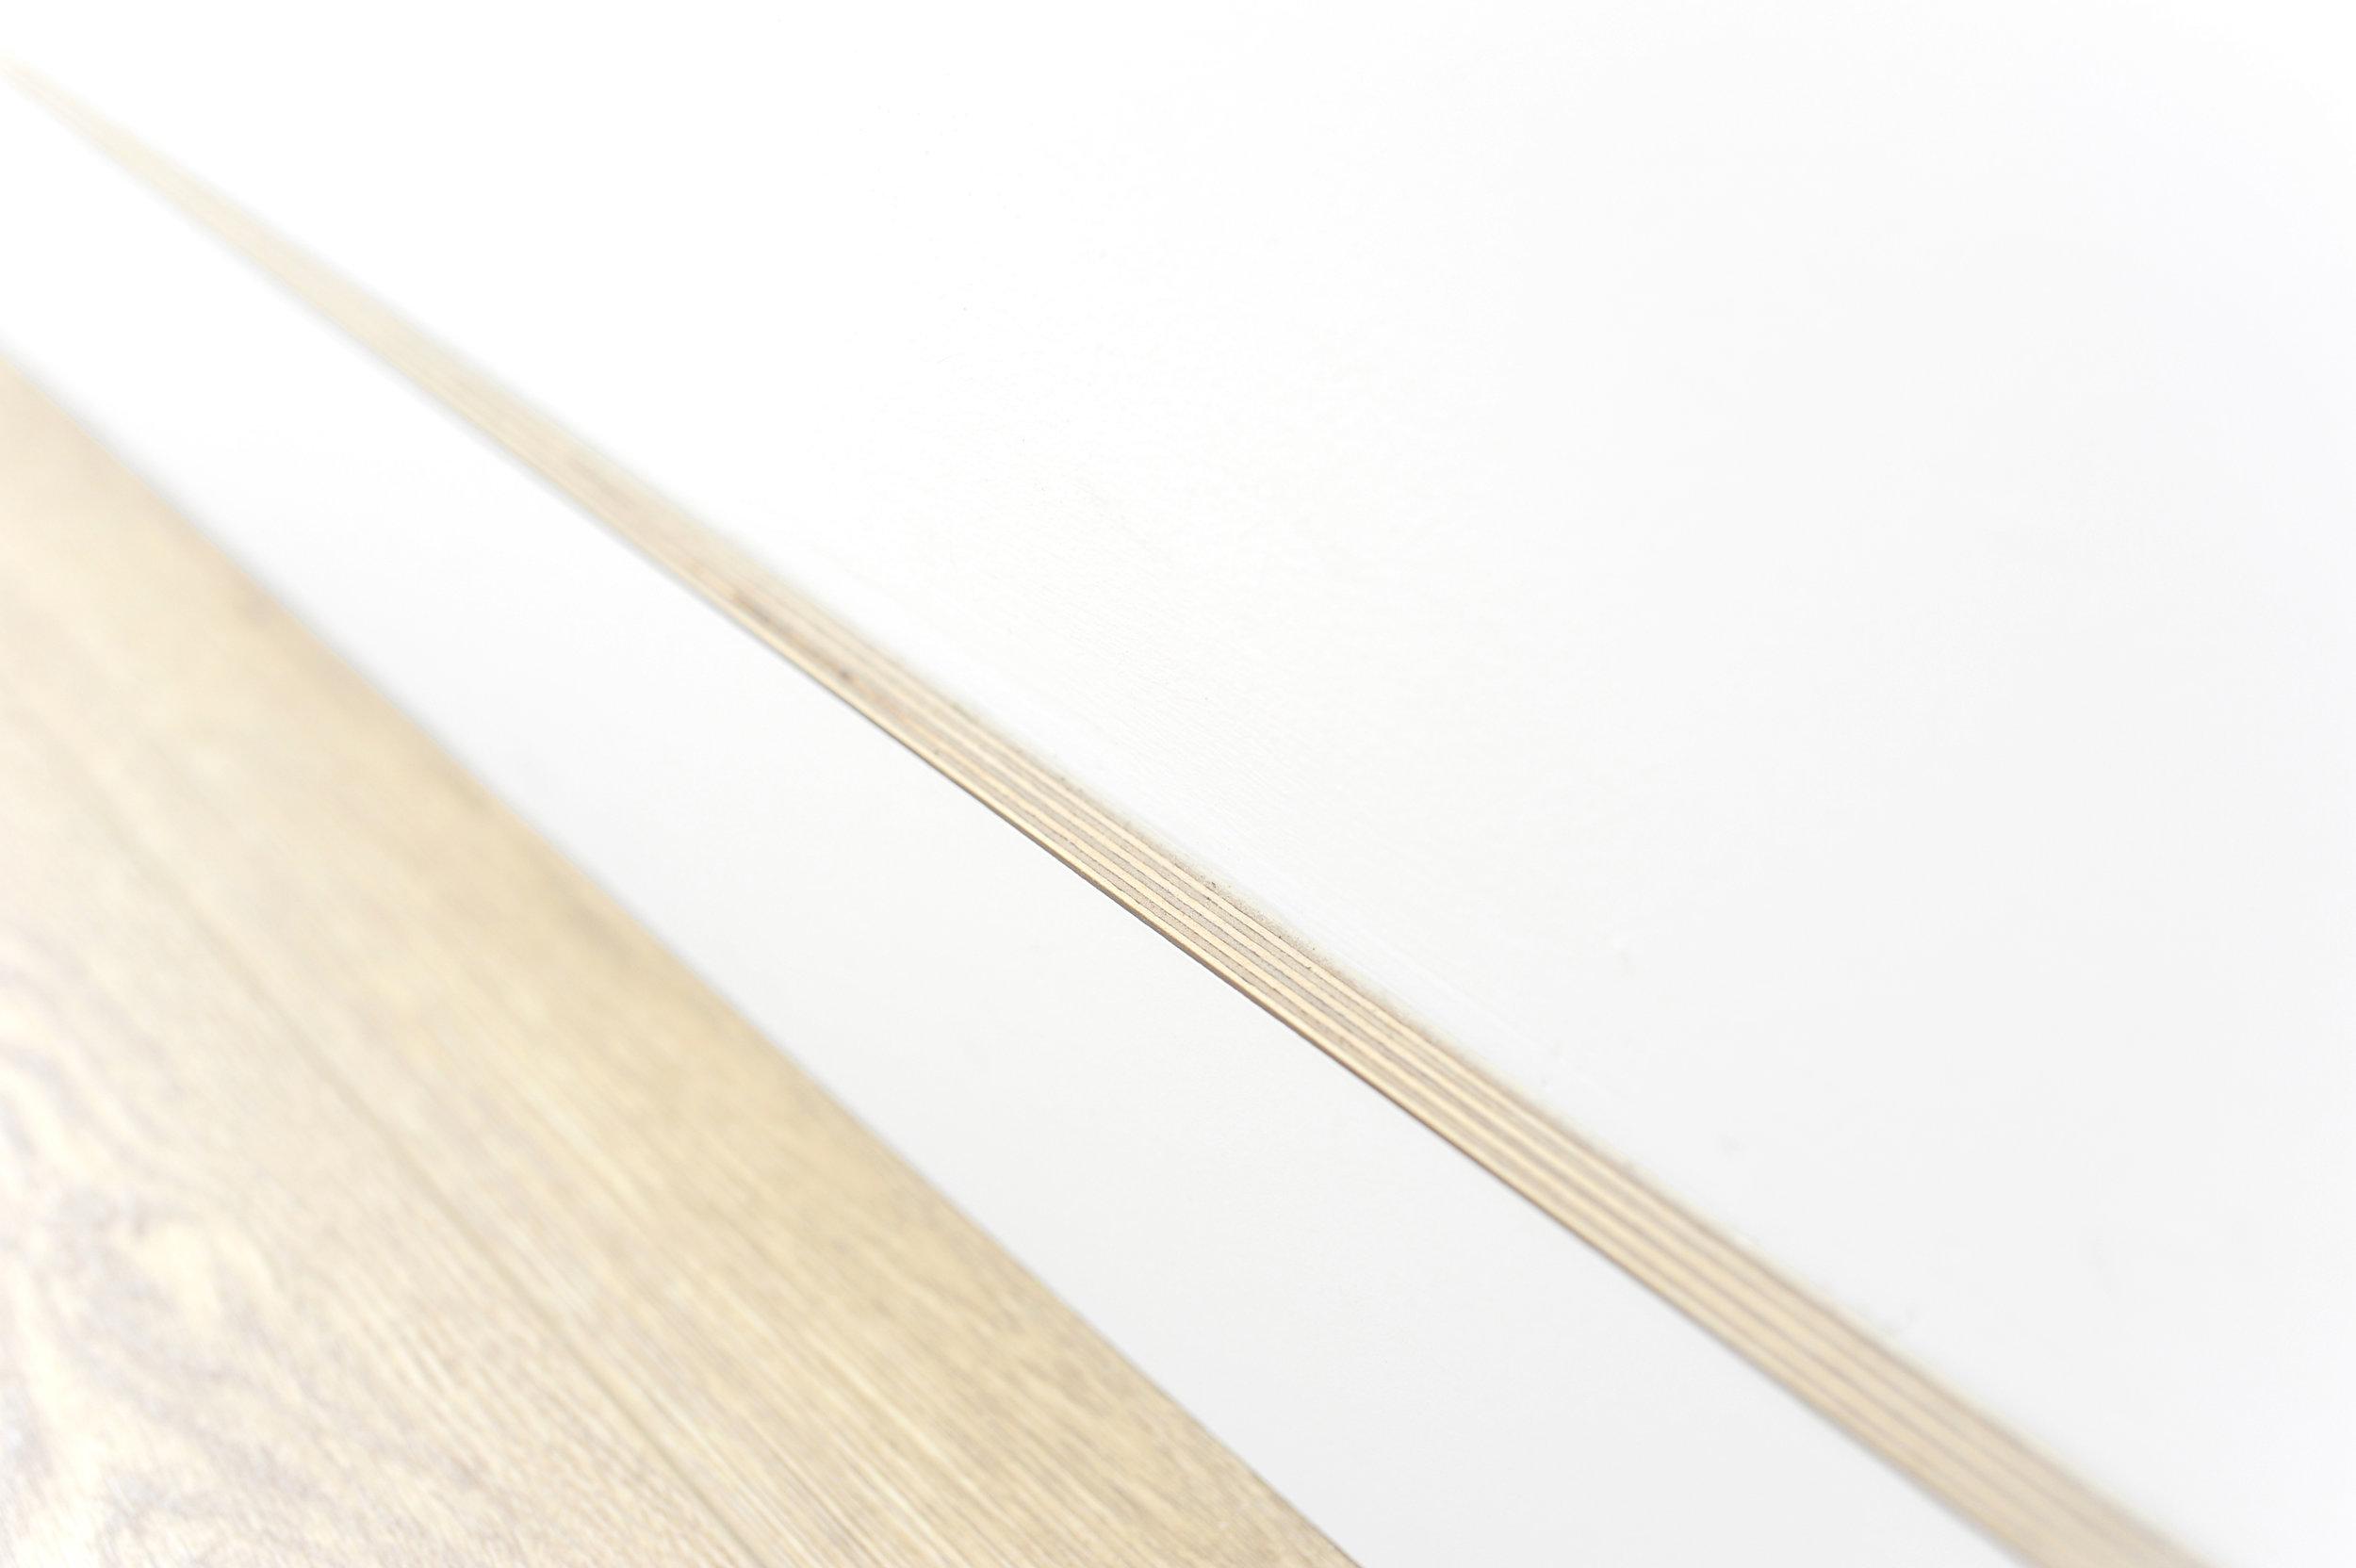 Birch Plywood Baseboard - -